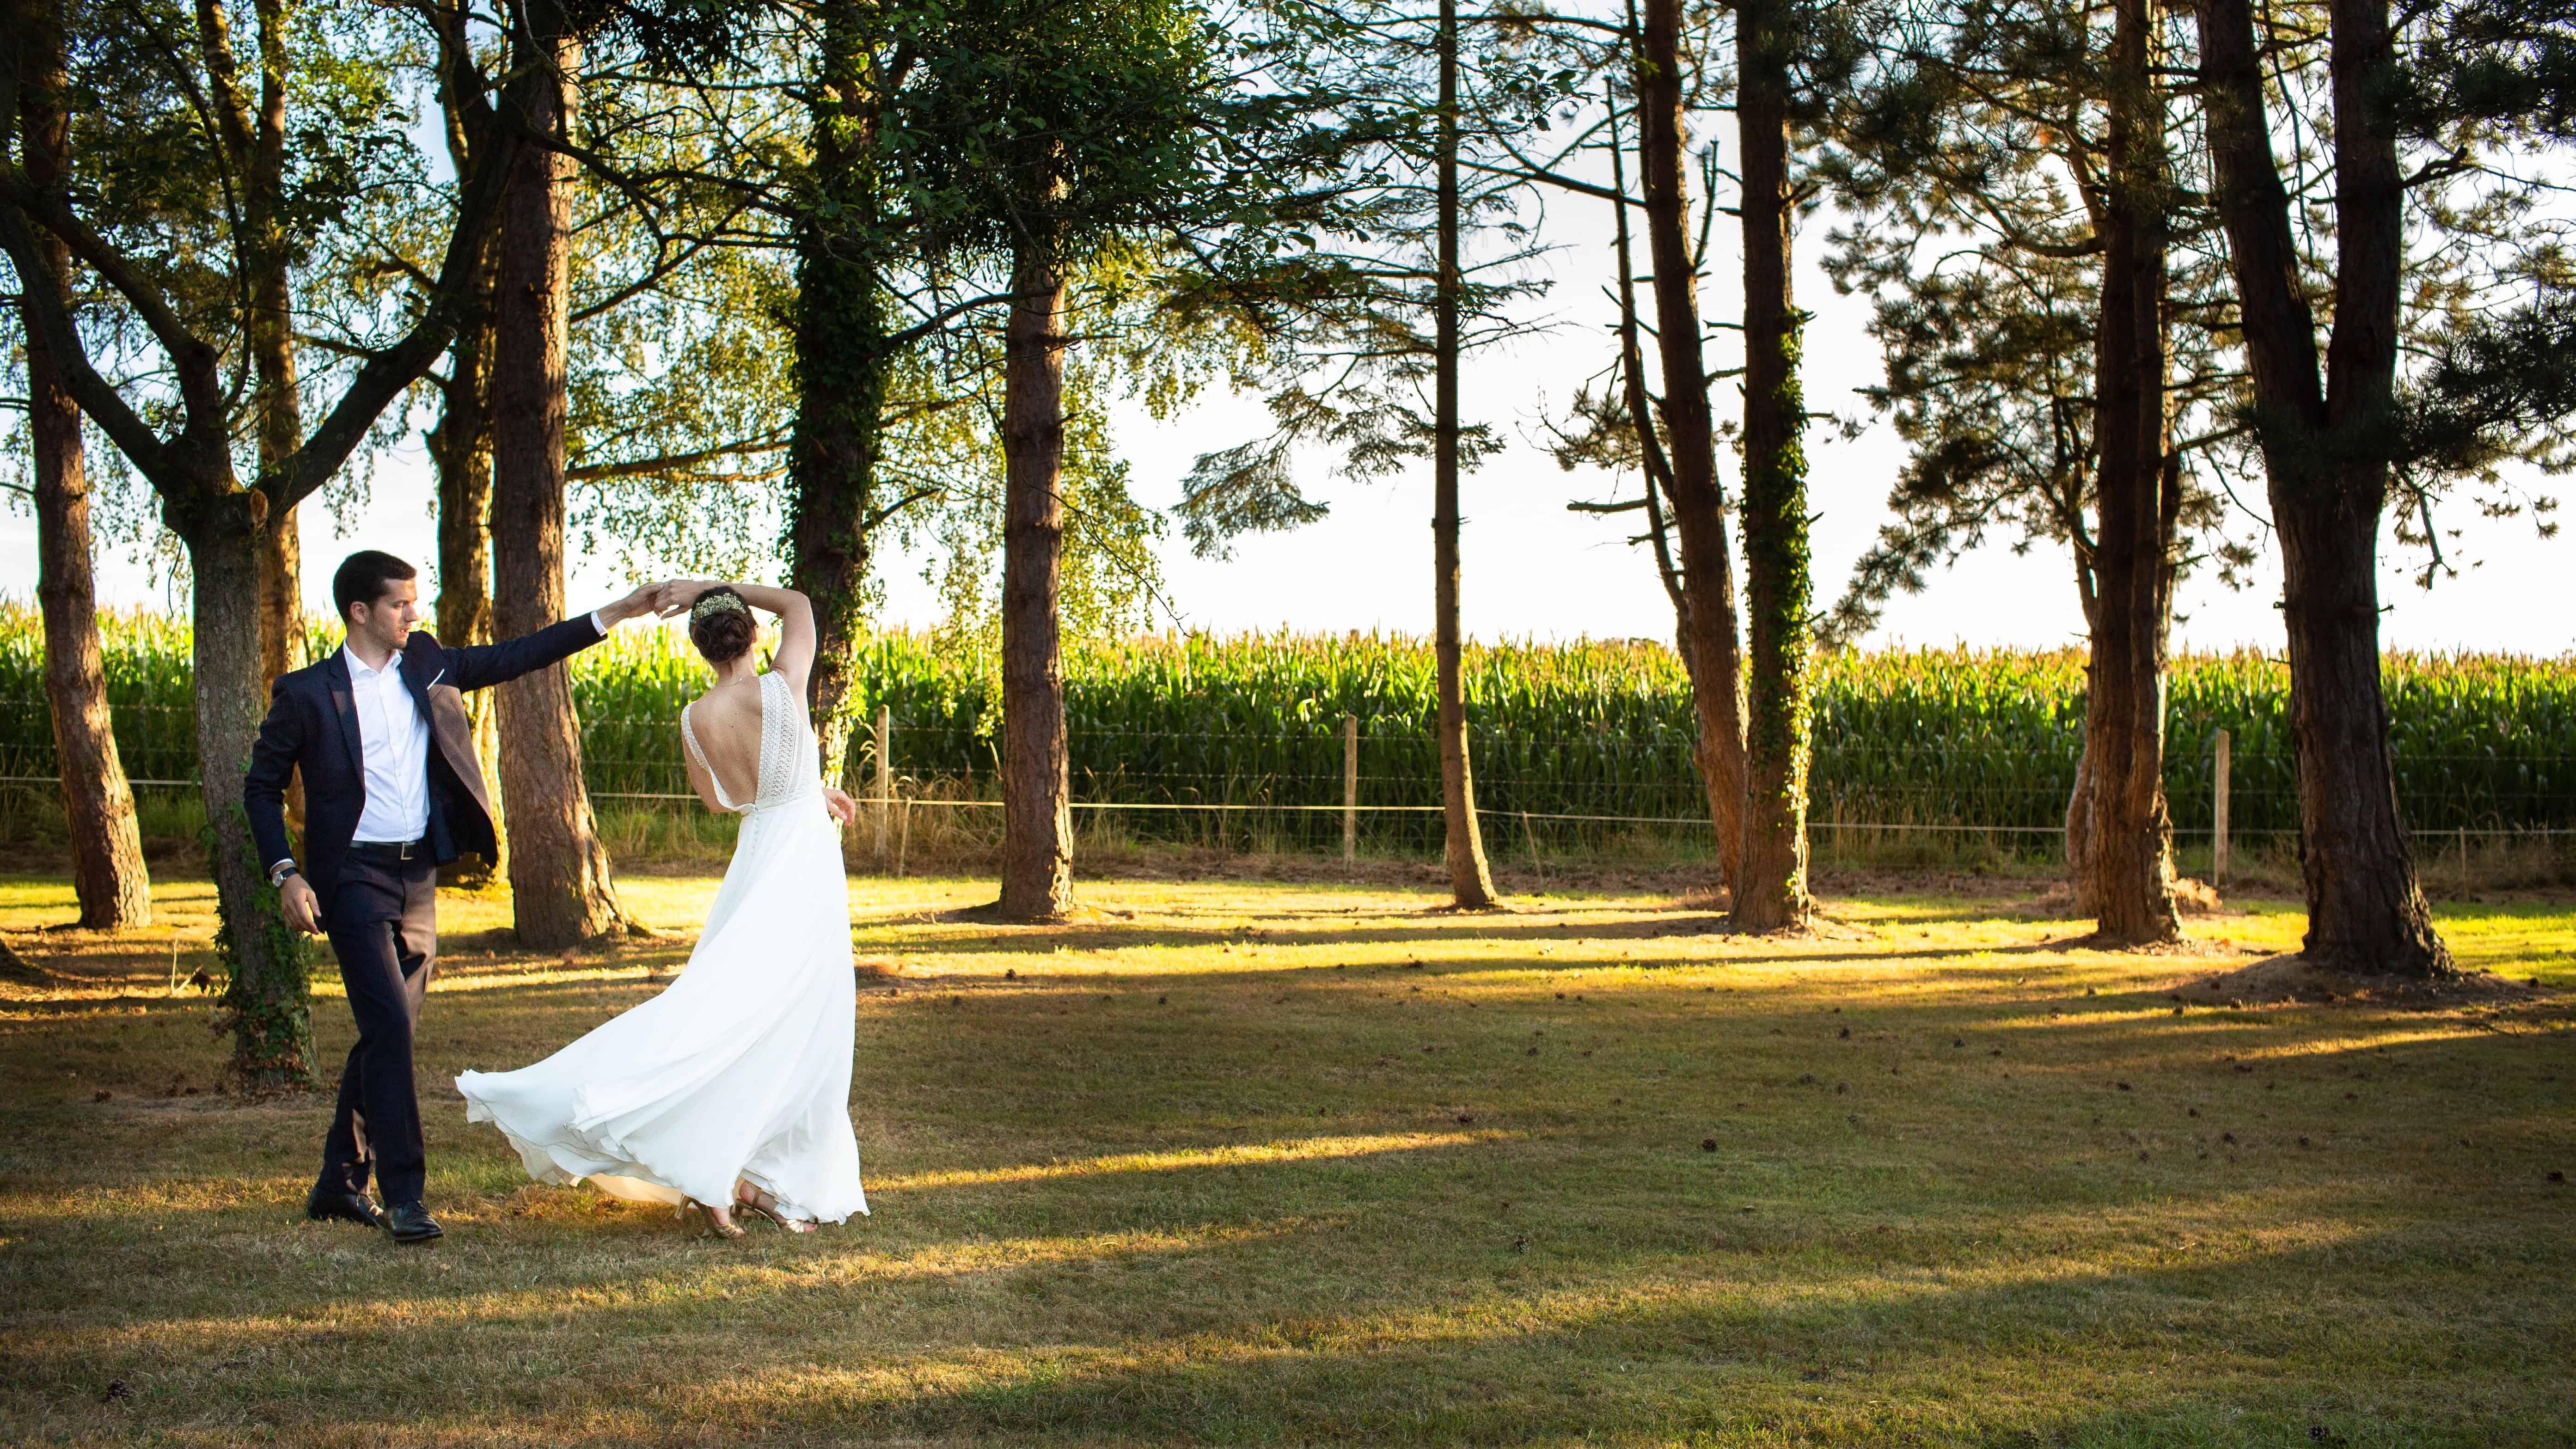 Le couple dansant sur l'herbe